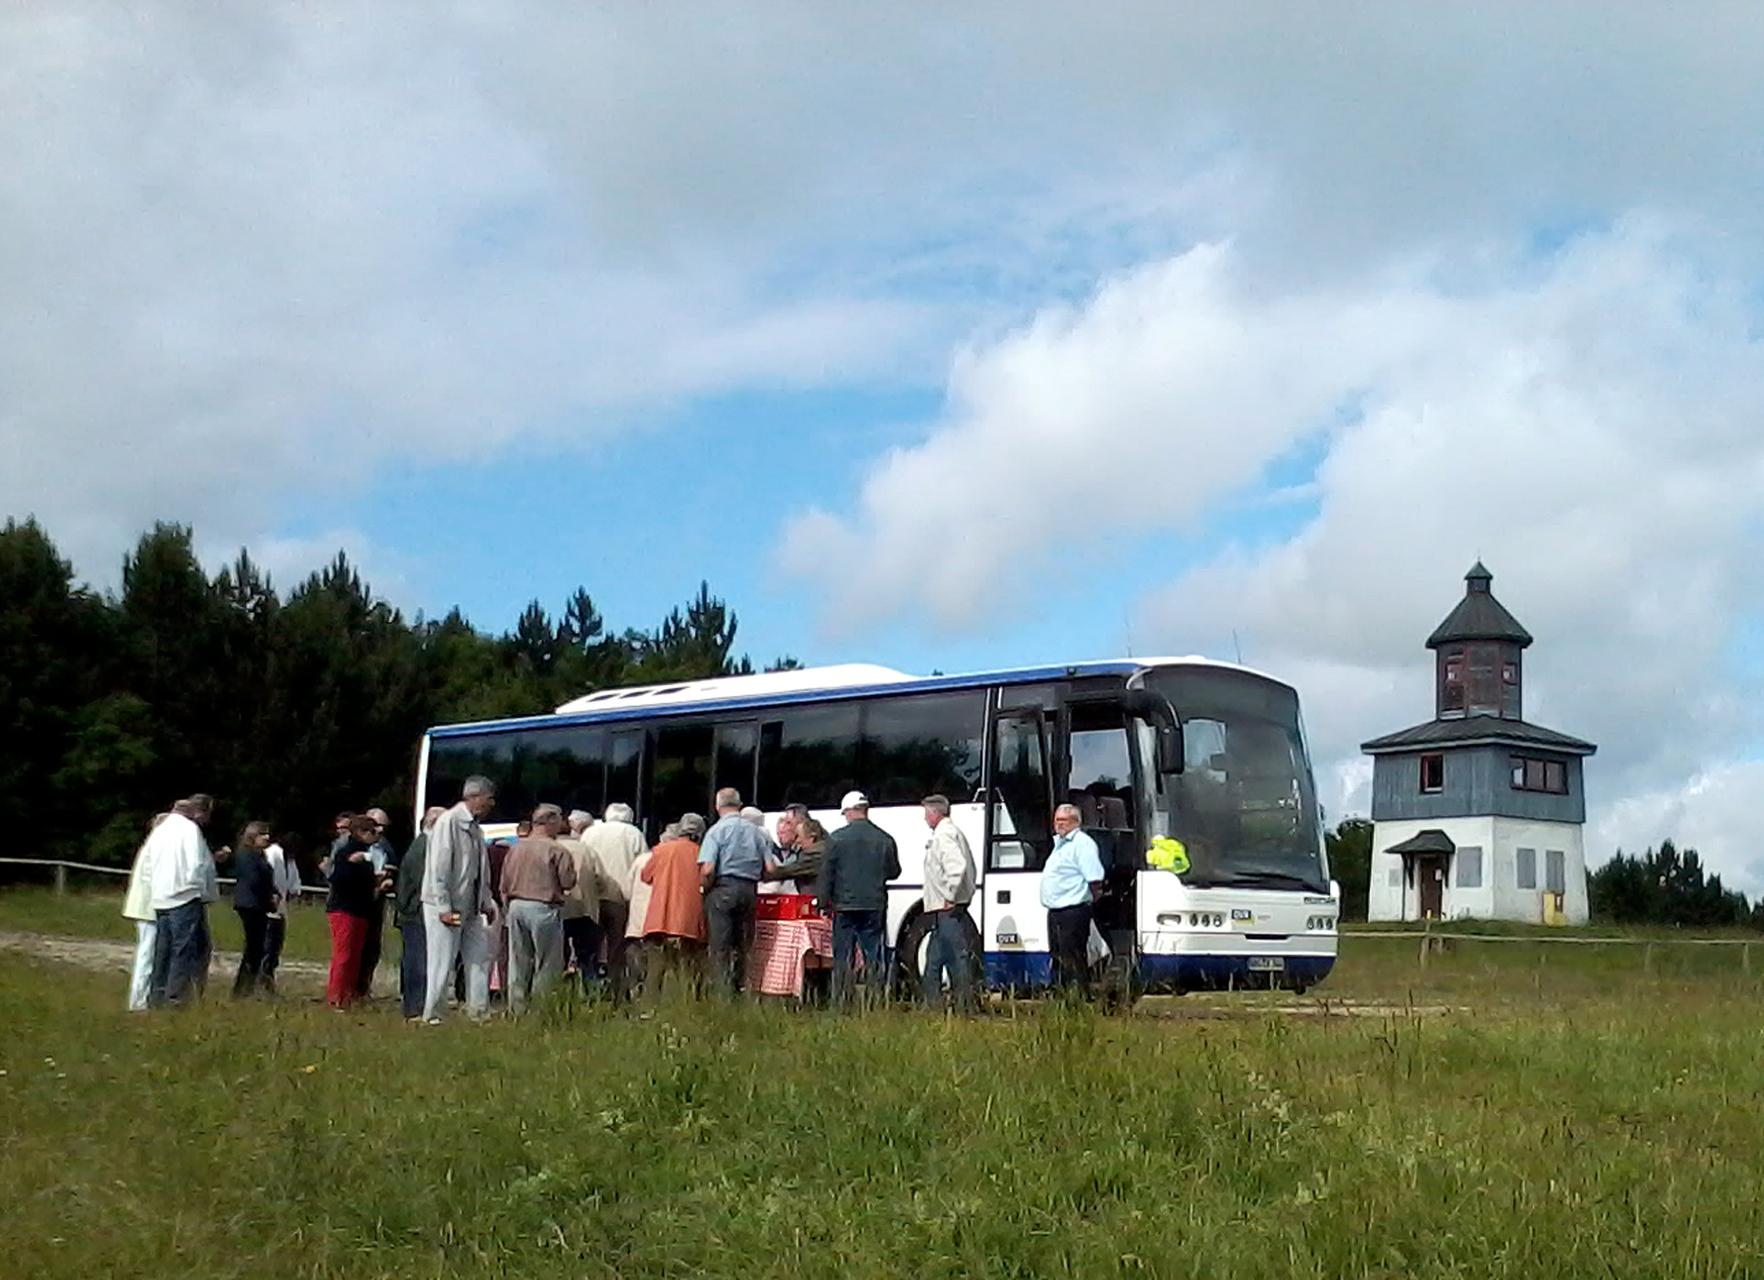 TrÜP-Touren mit dem Bus auf dem ehemaligen Truppenübungsplatz  in Münsingen im Biosphärengebiet Schwäbsiche Alb.